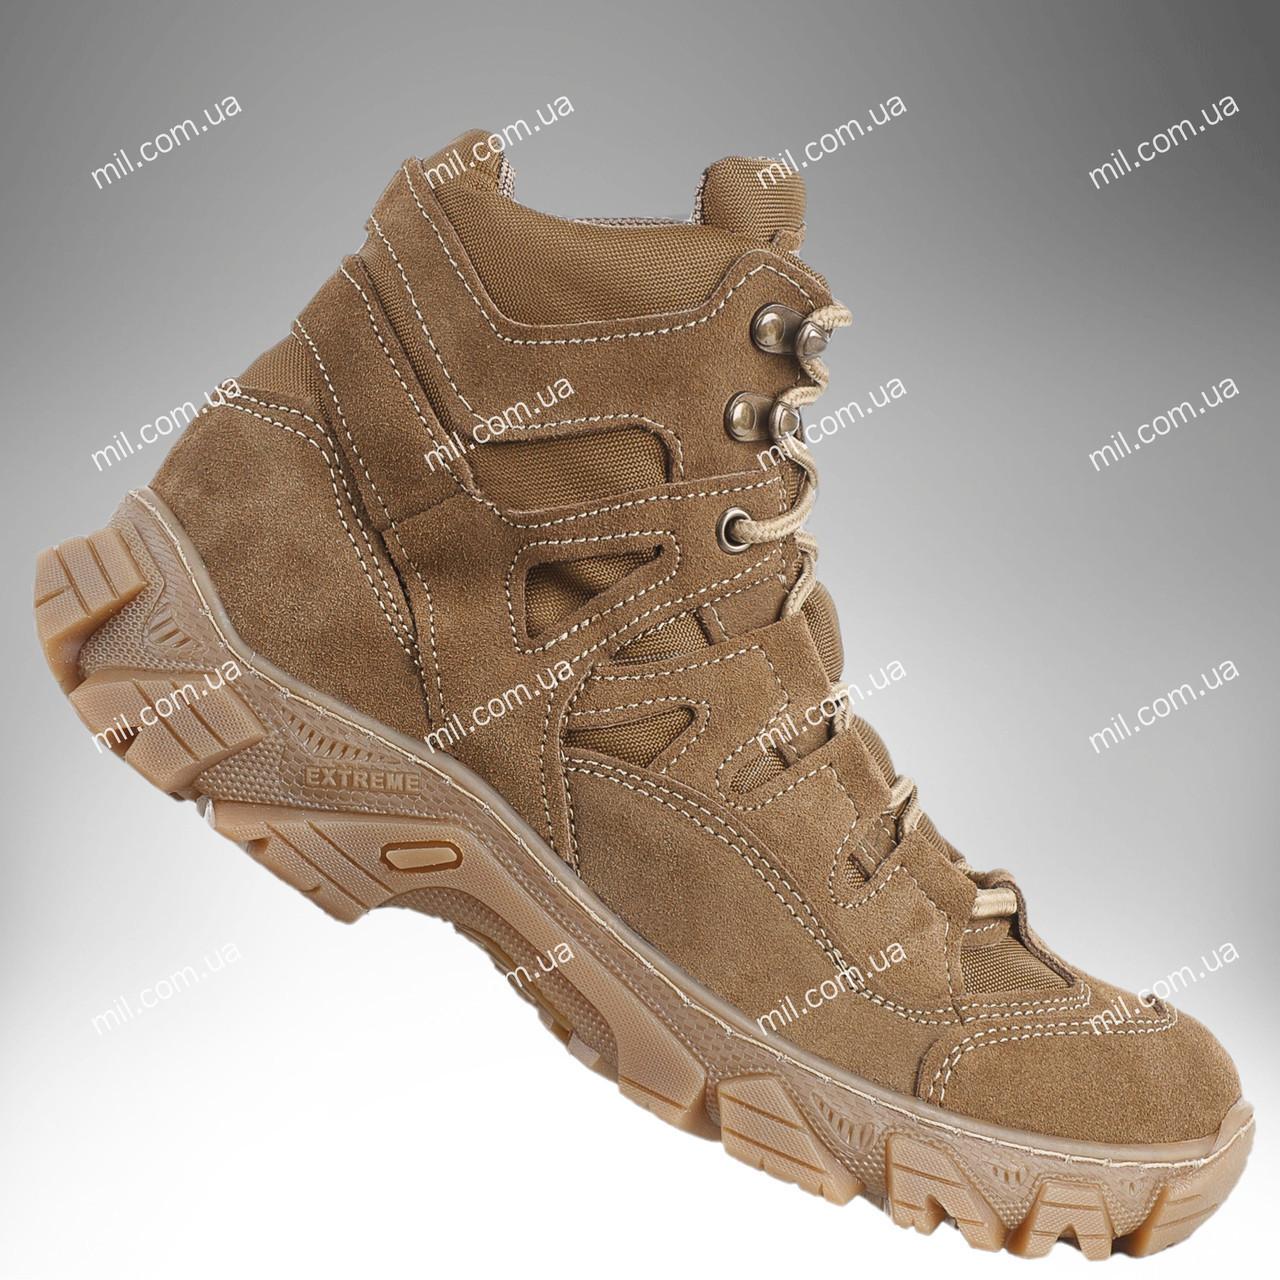 Тактическая зимняя обувь / военные, армейские ботинки Tactic HARD1 (койот)